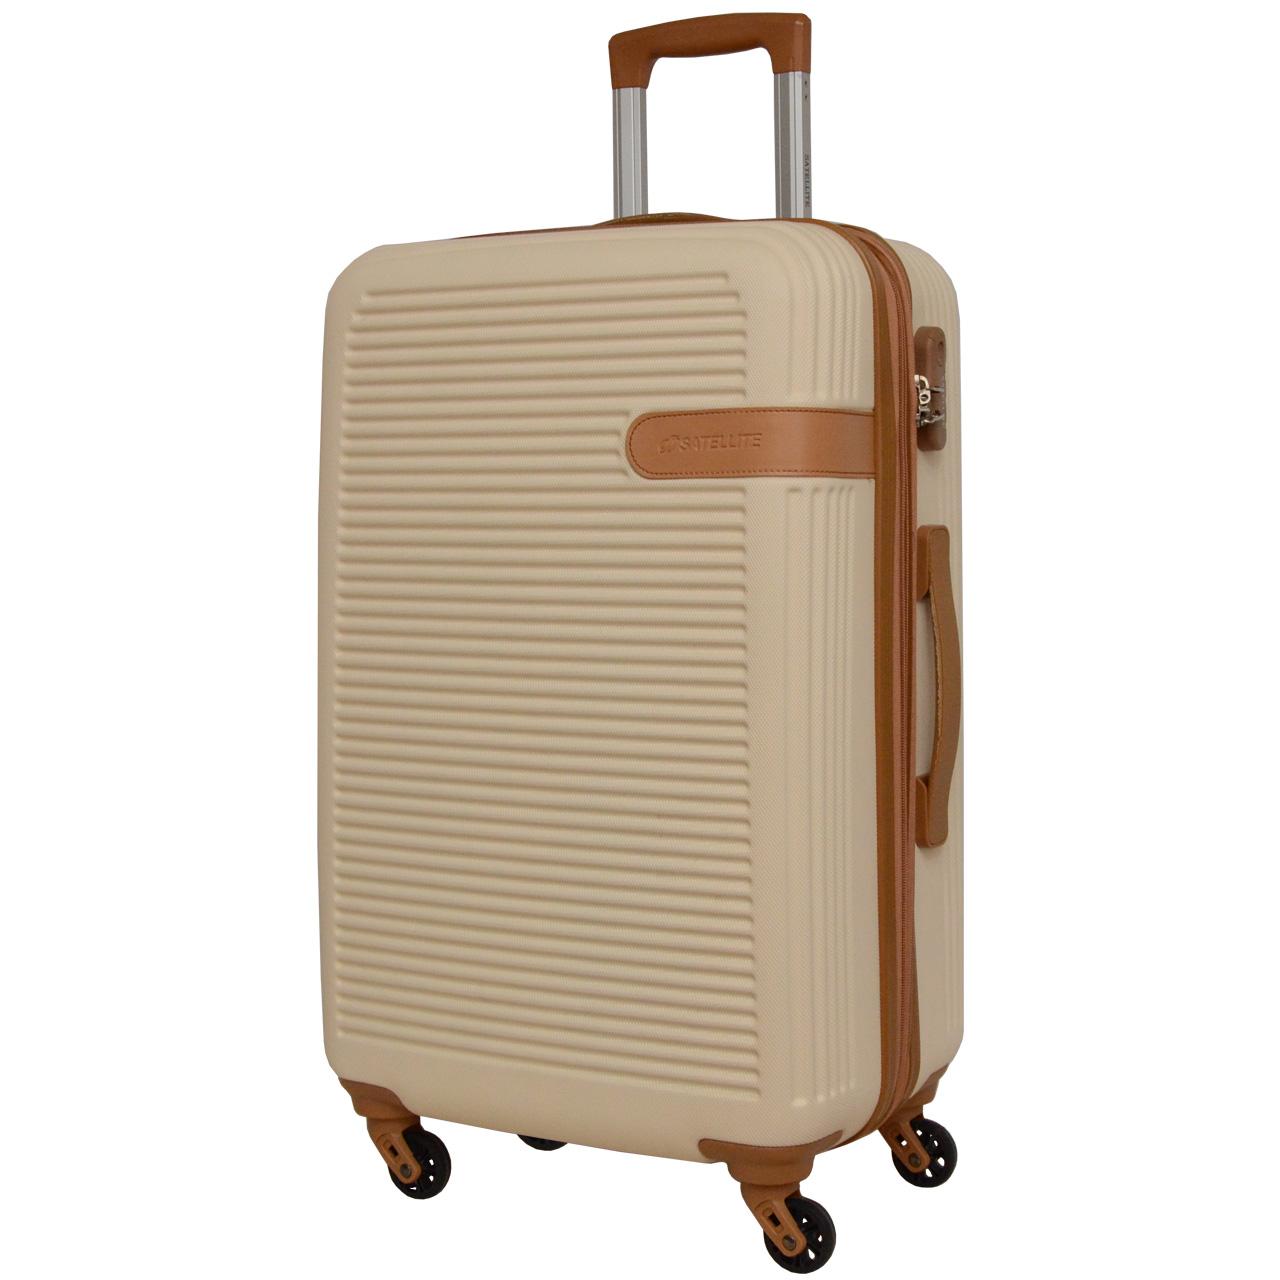 چمدان ستلایت مدل 24 - 0066